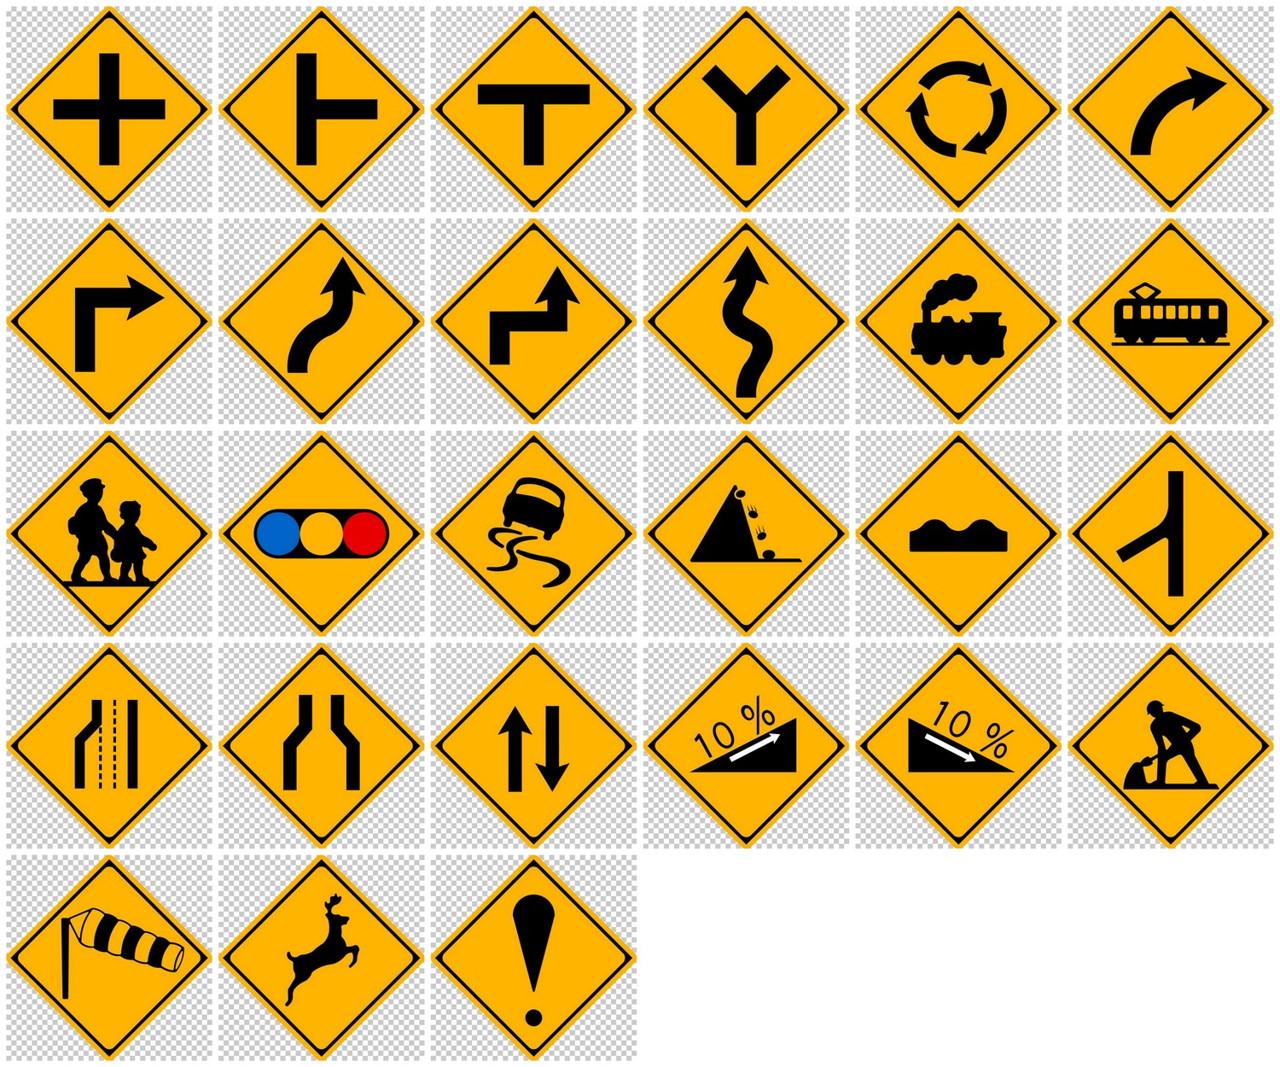 警戒標識一覧 イラスト フリーデータの一覧です│digital-architex.com